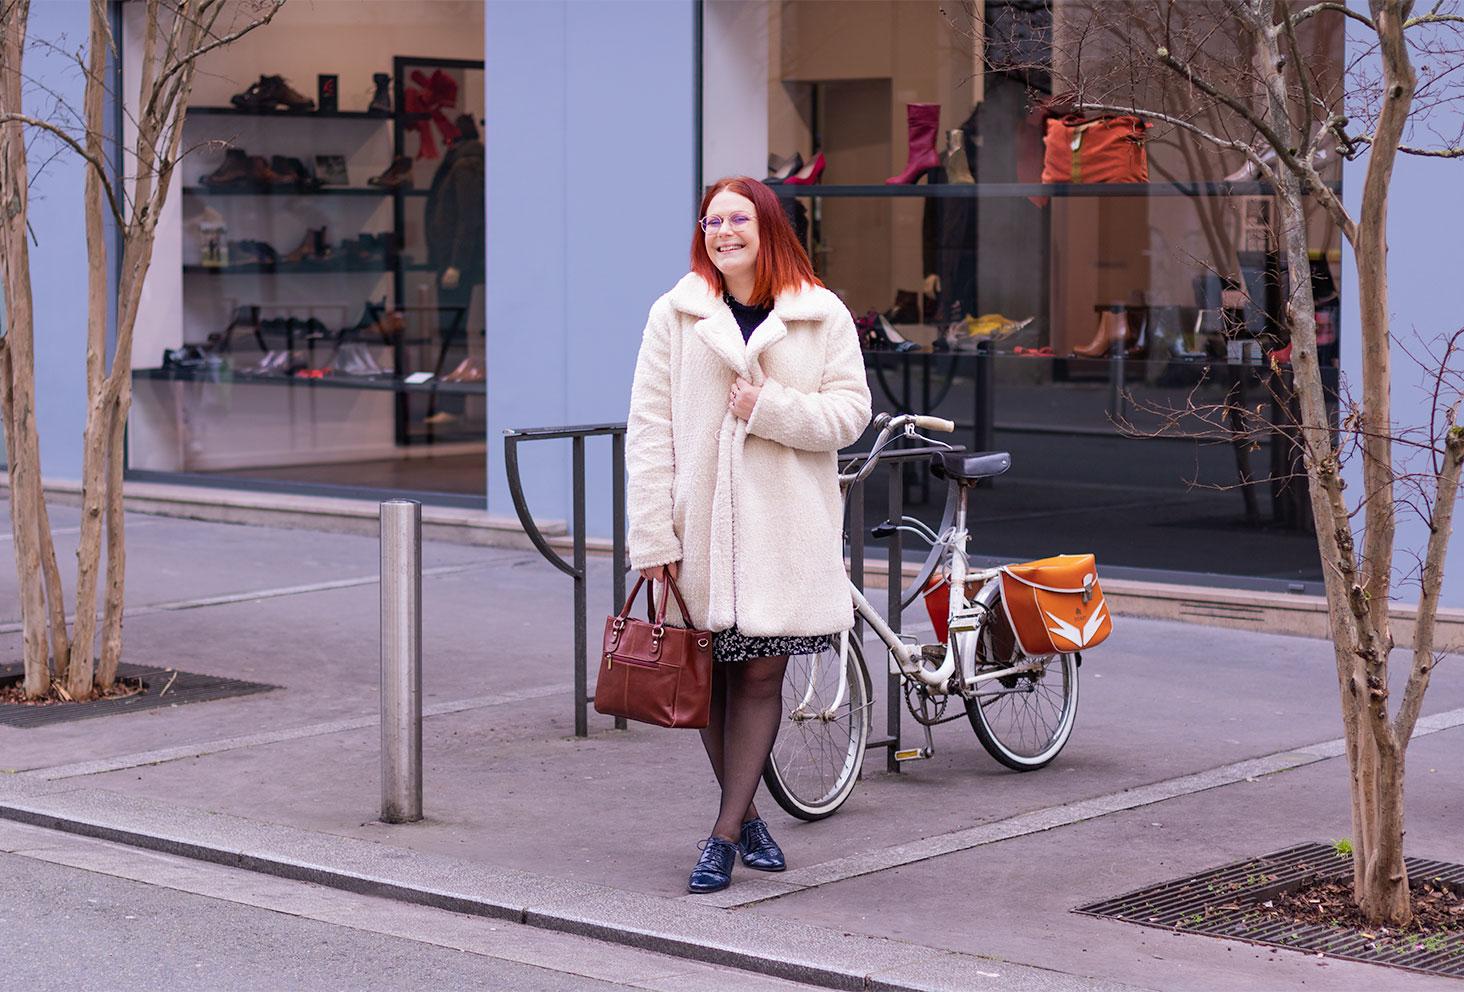 Devant la vitrine d'un magasin près d'un vélo vintage, en manteau moumoute et derbies bleues